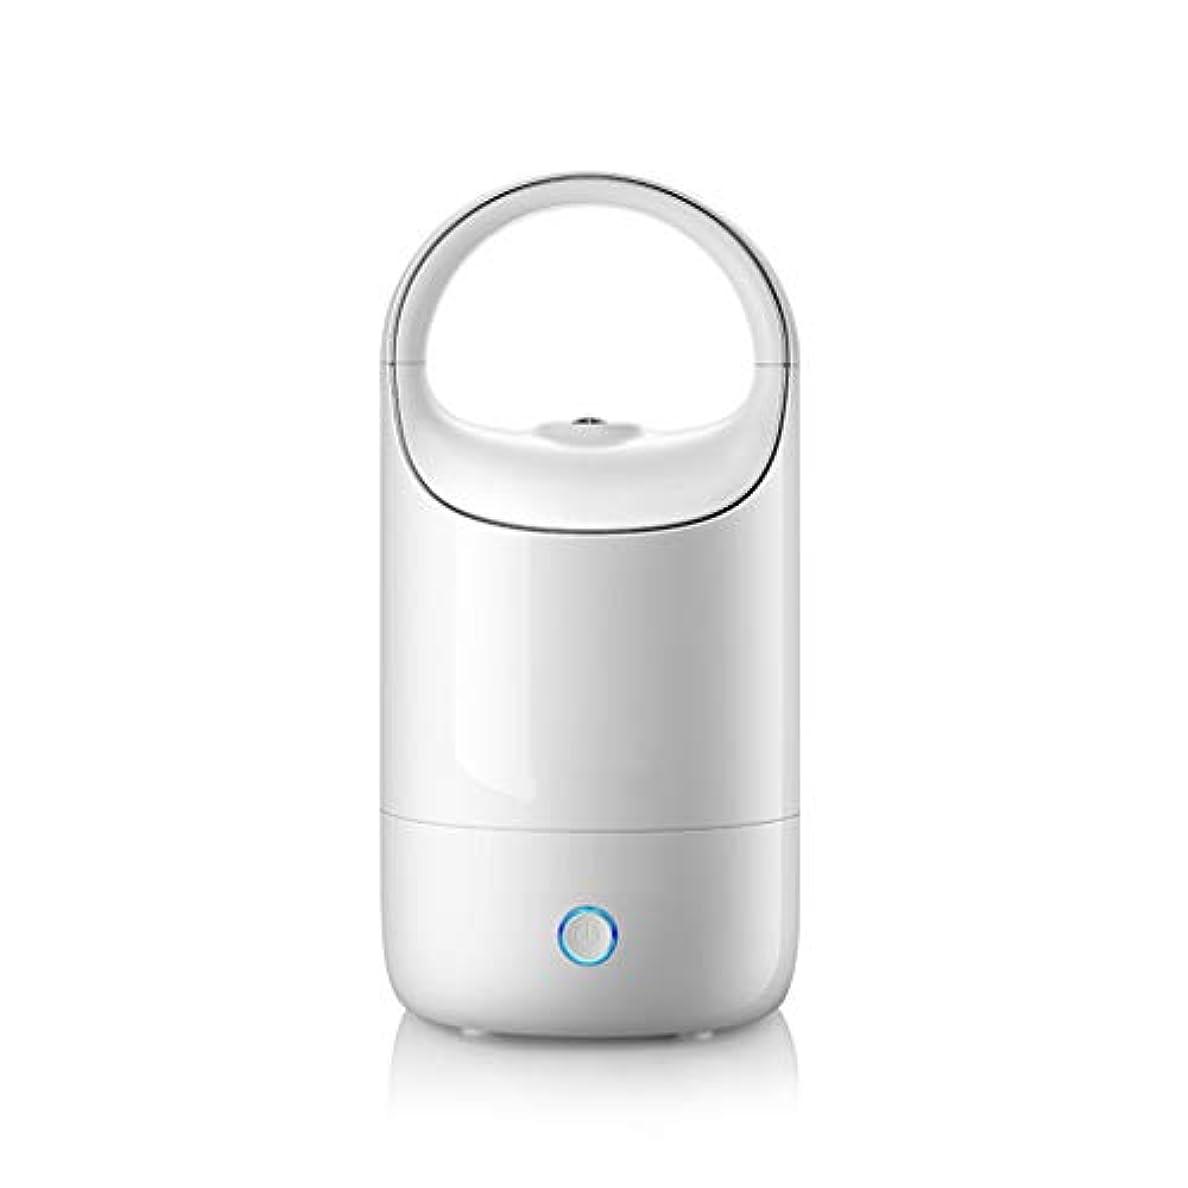 差別計画州空気加湿器ホームサイレント寝室妊婦赤ちゃん空気霧大容量ディフューザー (Color : White)